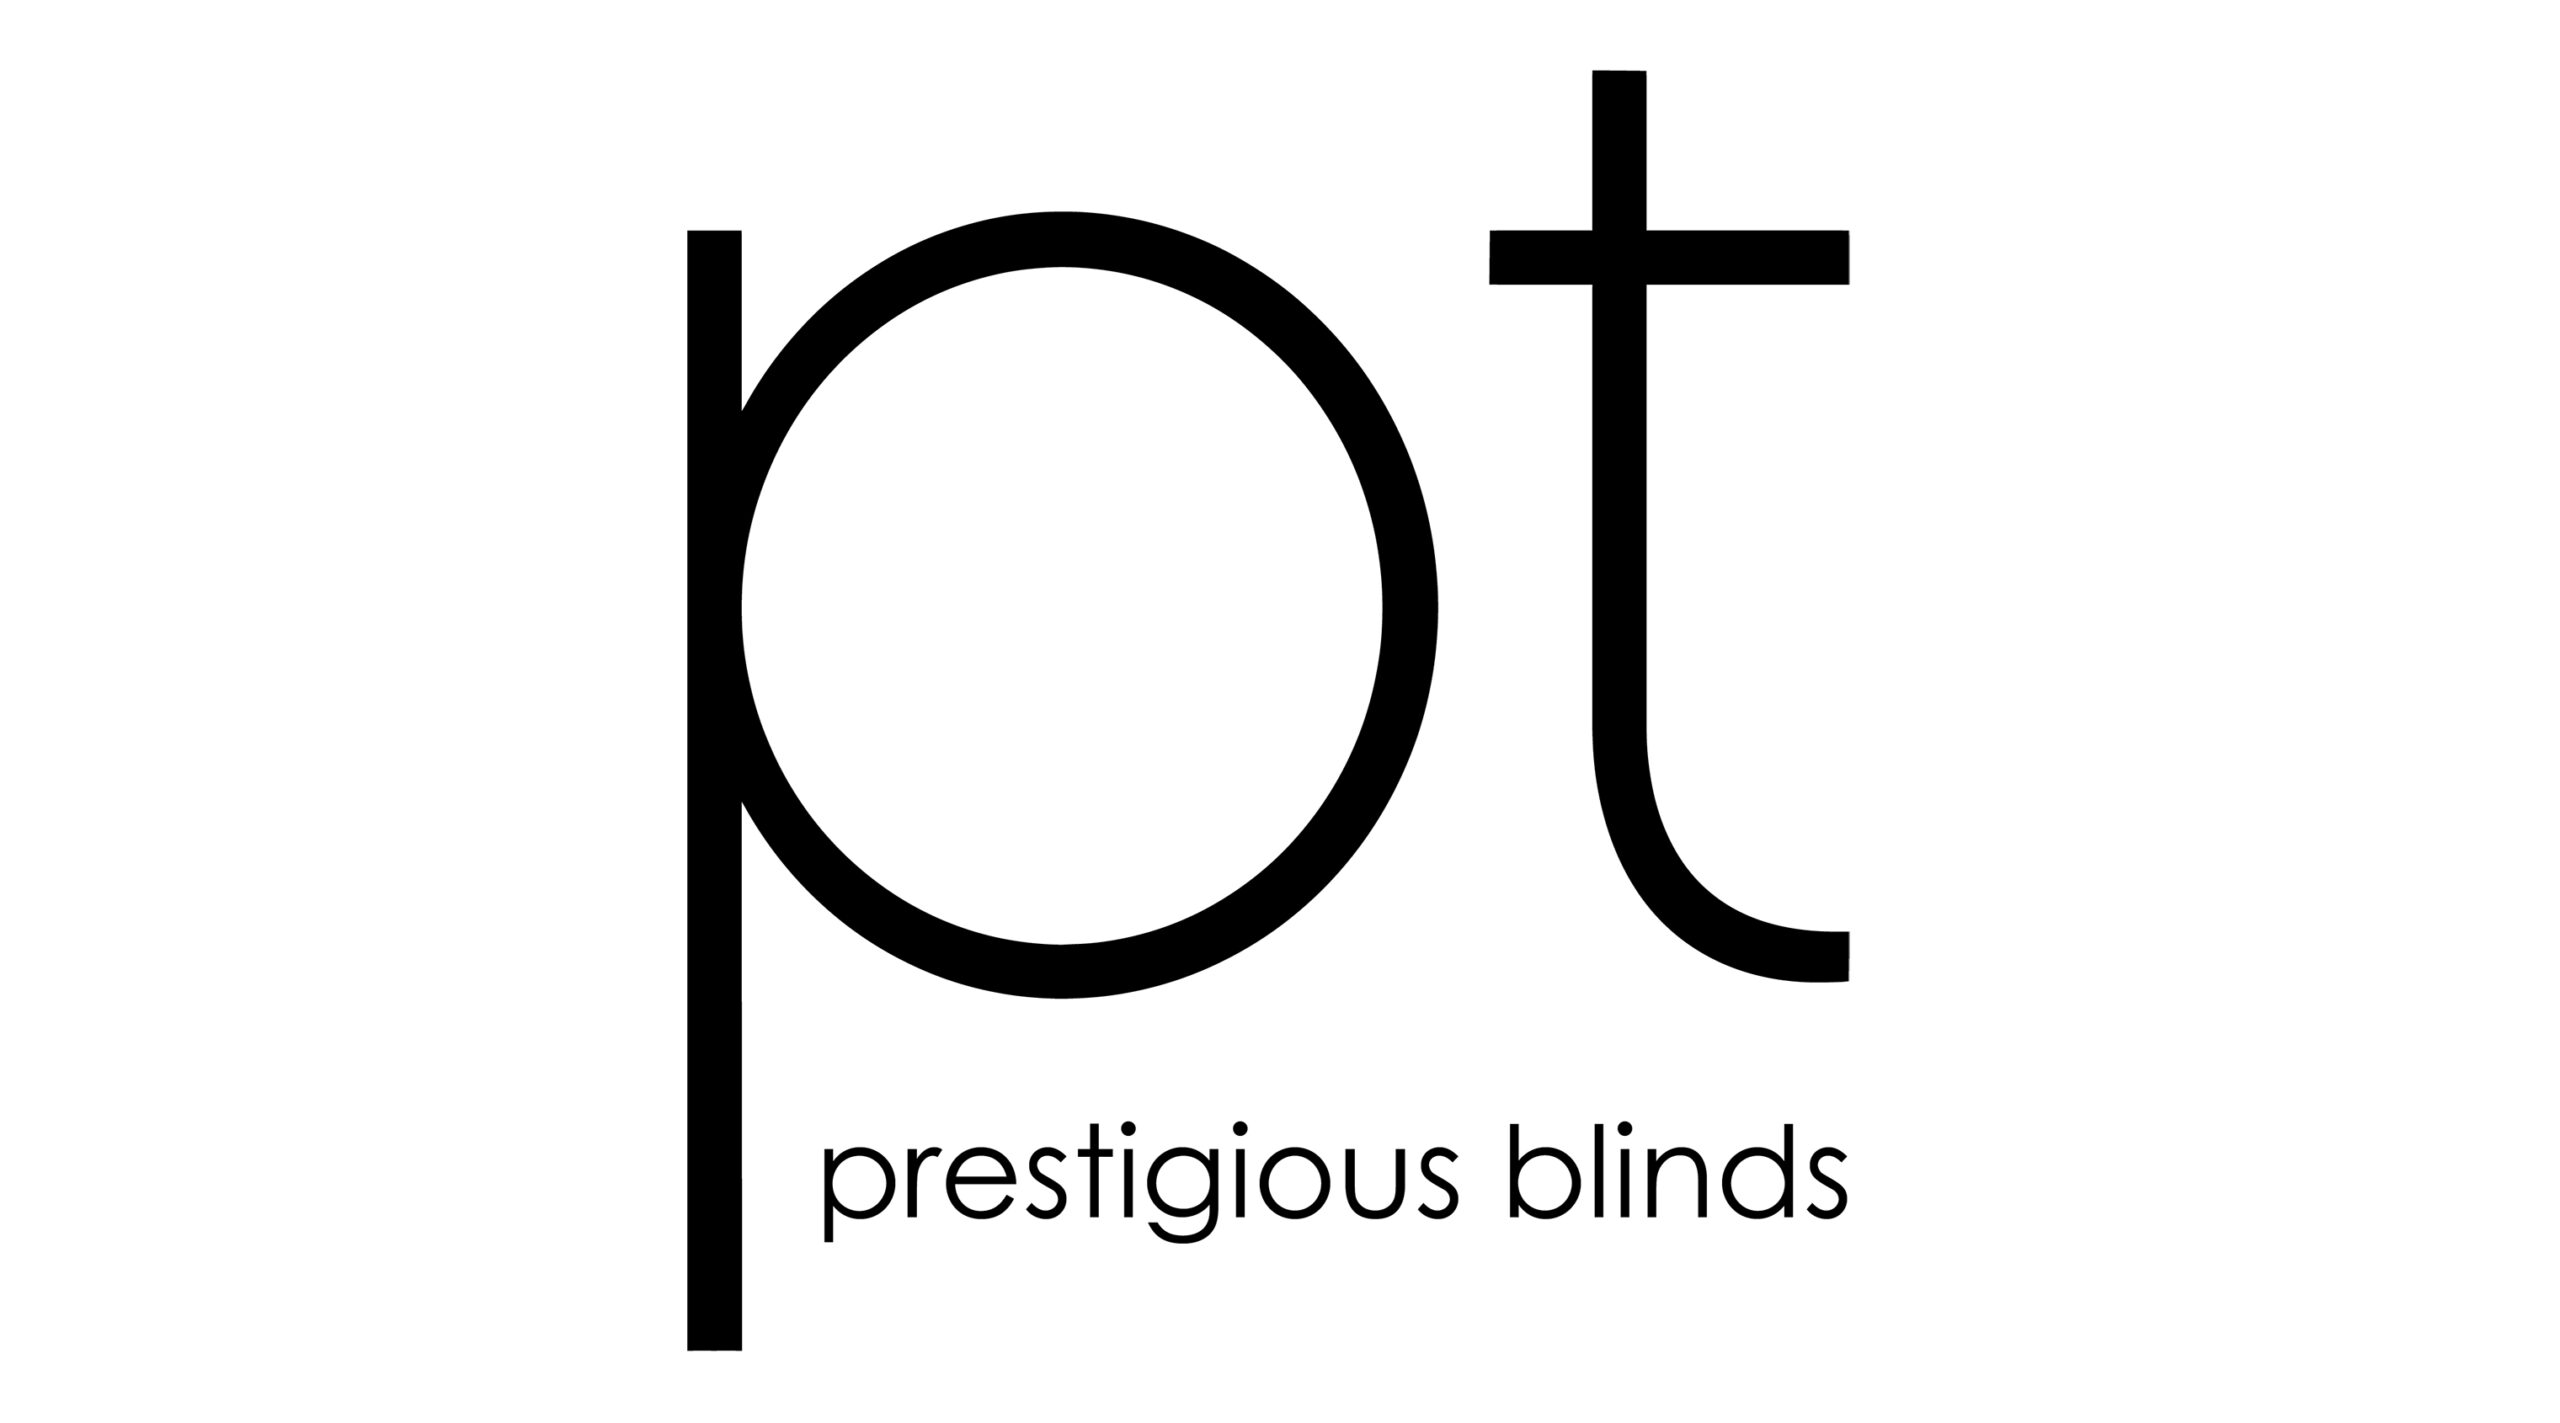 PT Blinds